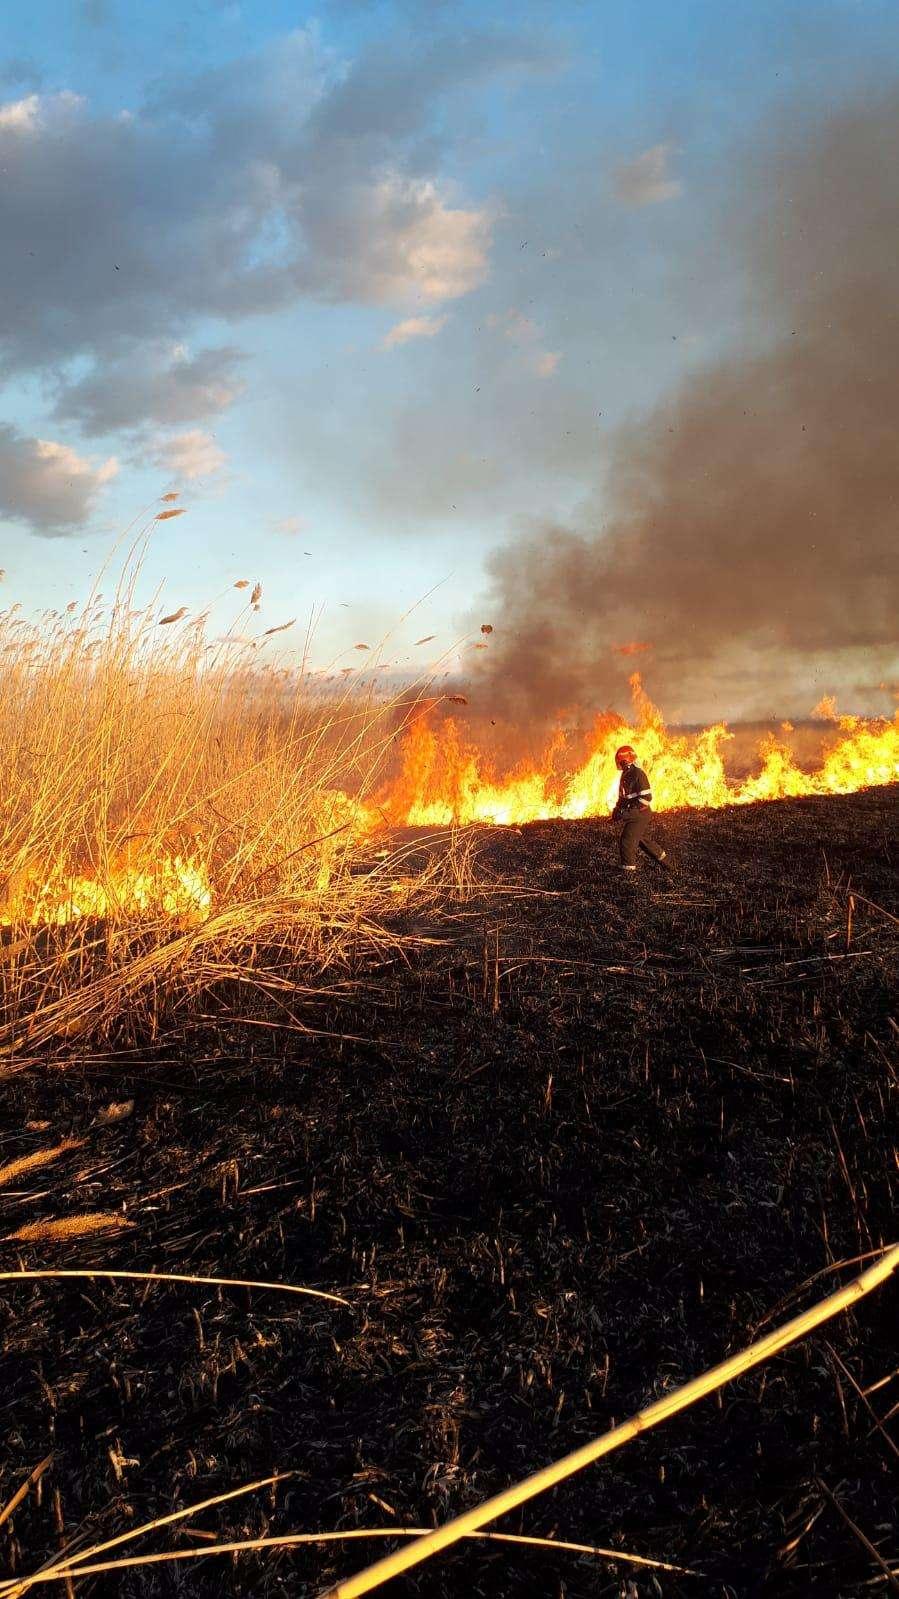 Ard câmpurile! Inconștiența duce la dezastru!